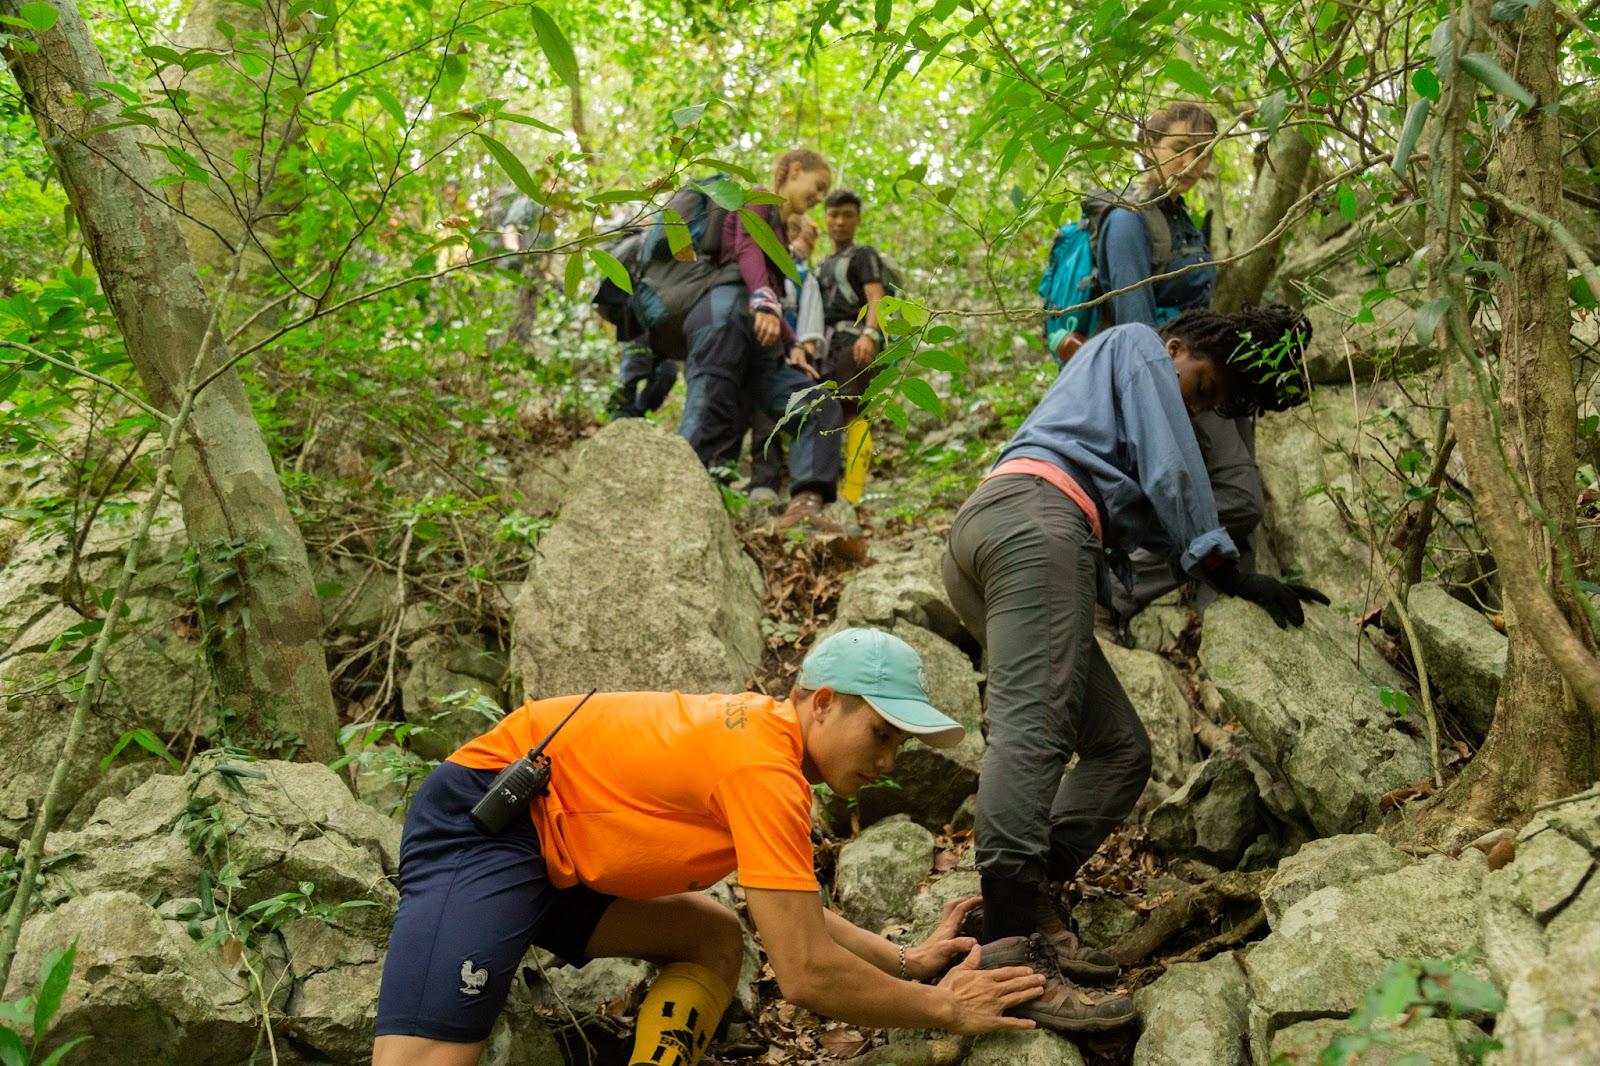 Phong Nha/Ke Bang National Park outdoor activity - Exploring Fantastic Phong Nha with Jungle Boss